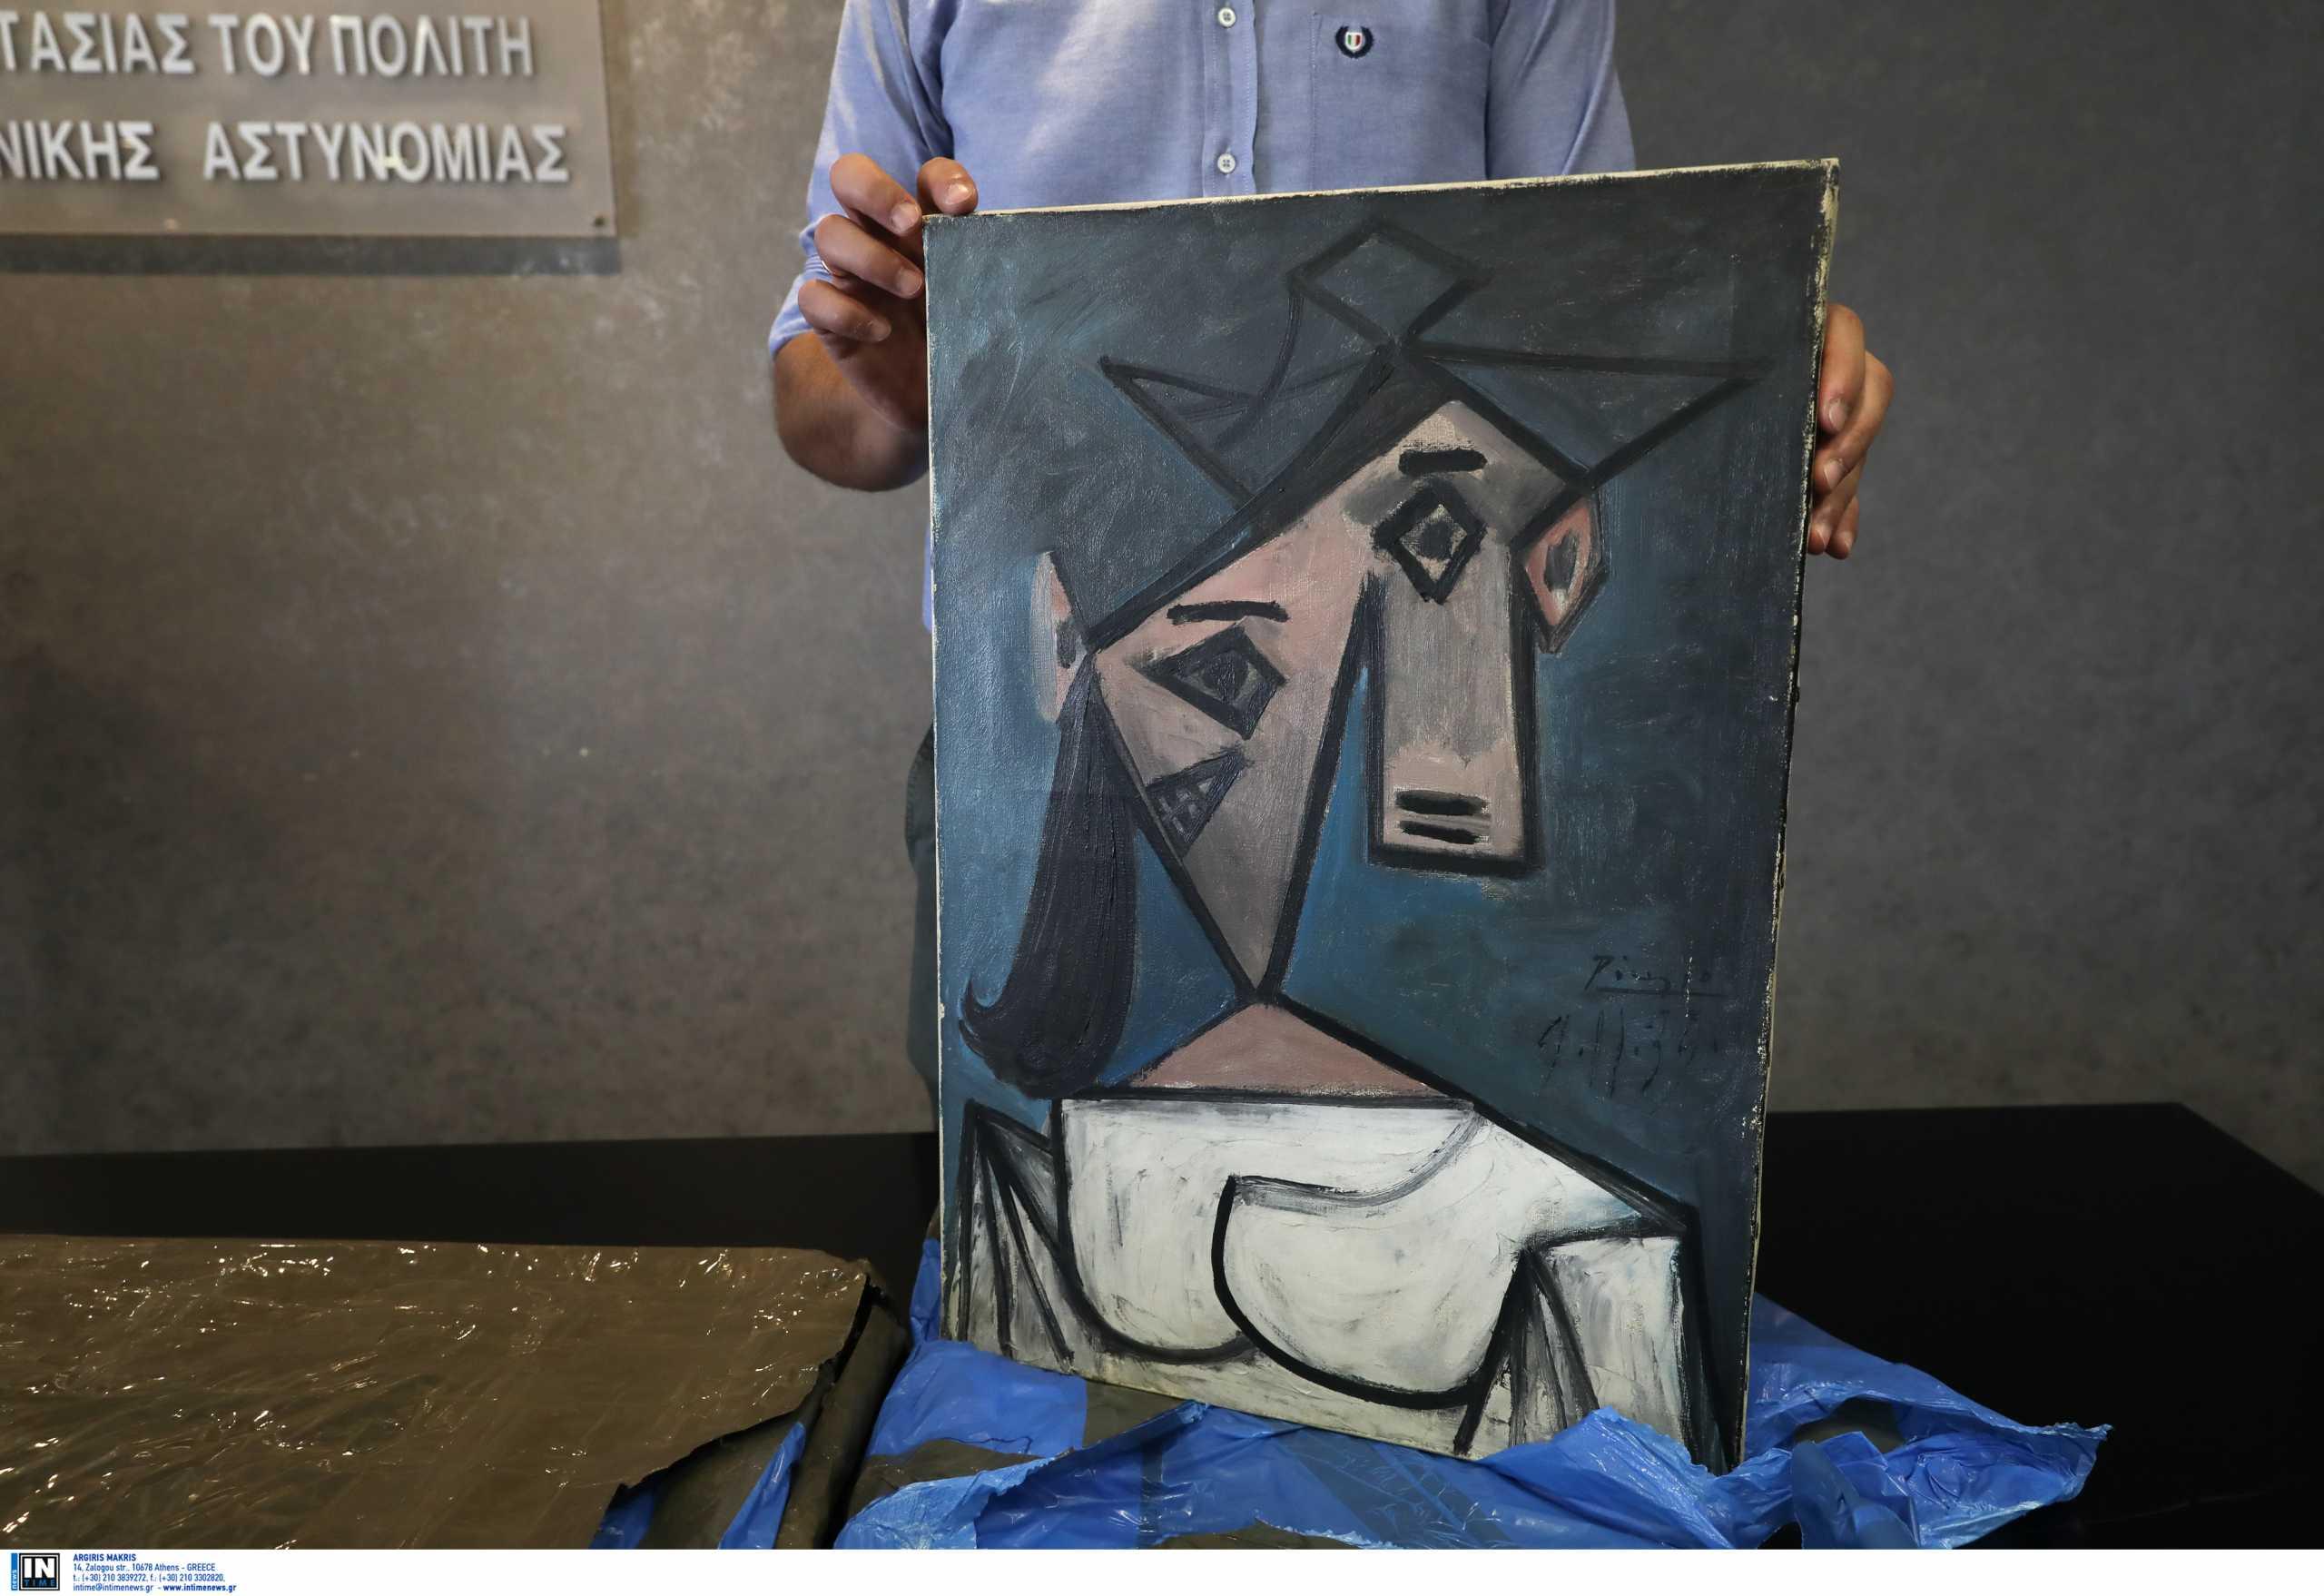 Λίνα Μενδώνη: Σήμερα επιστρέφουν στην Εθνική Πινακοθήκη οι 2 πίνακες